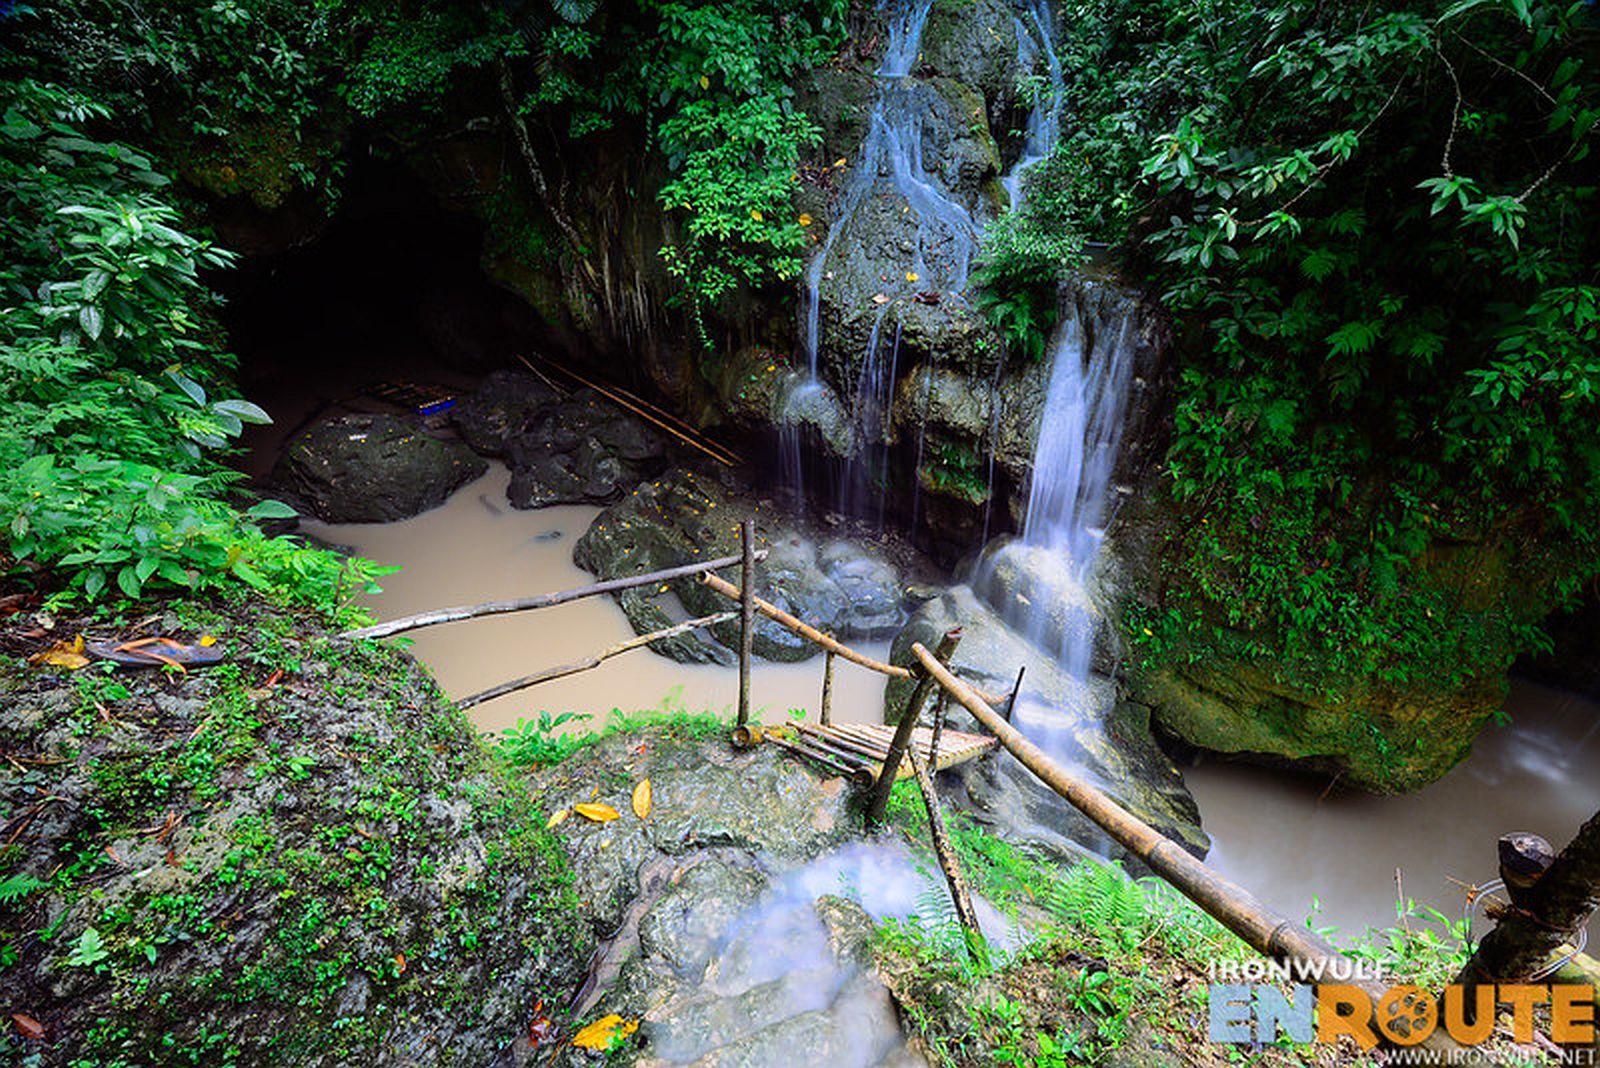 PHILIPPINEN REISEN - ORTE- SOUTHERN LUZON - ALBAY - Touristische Beschreibung für Jovellar